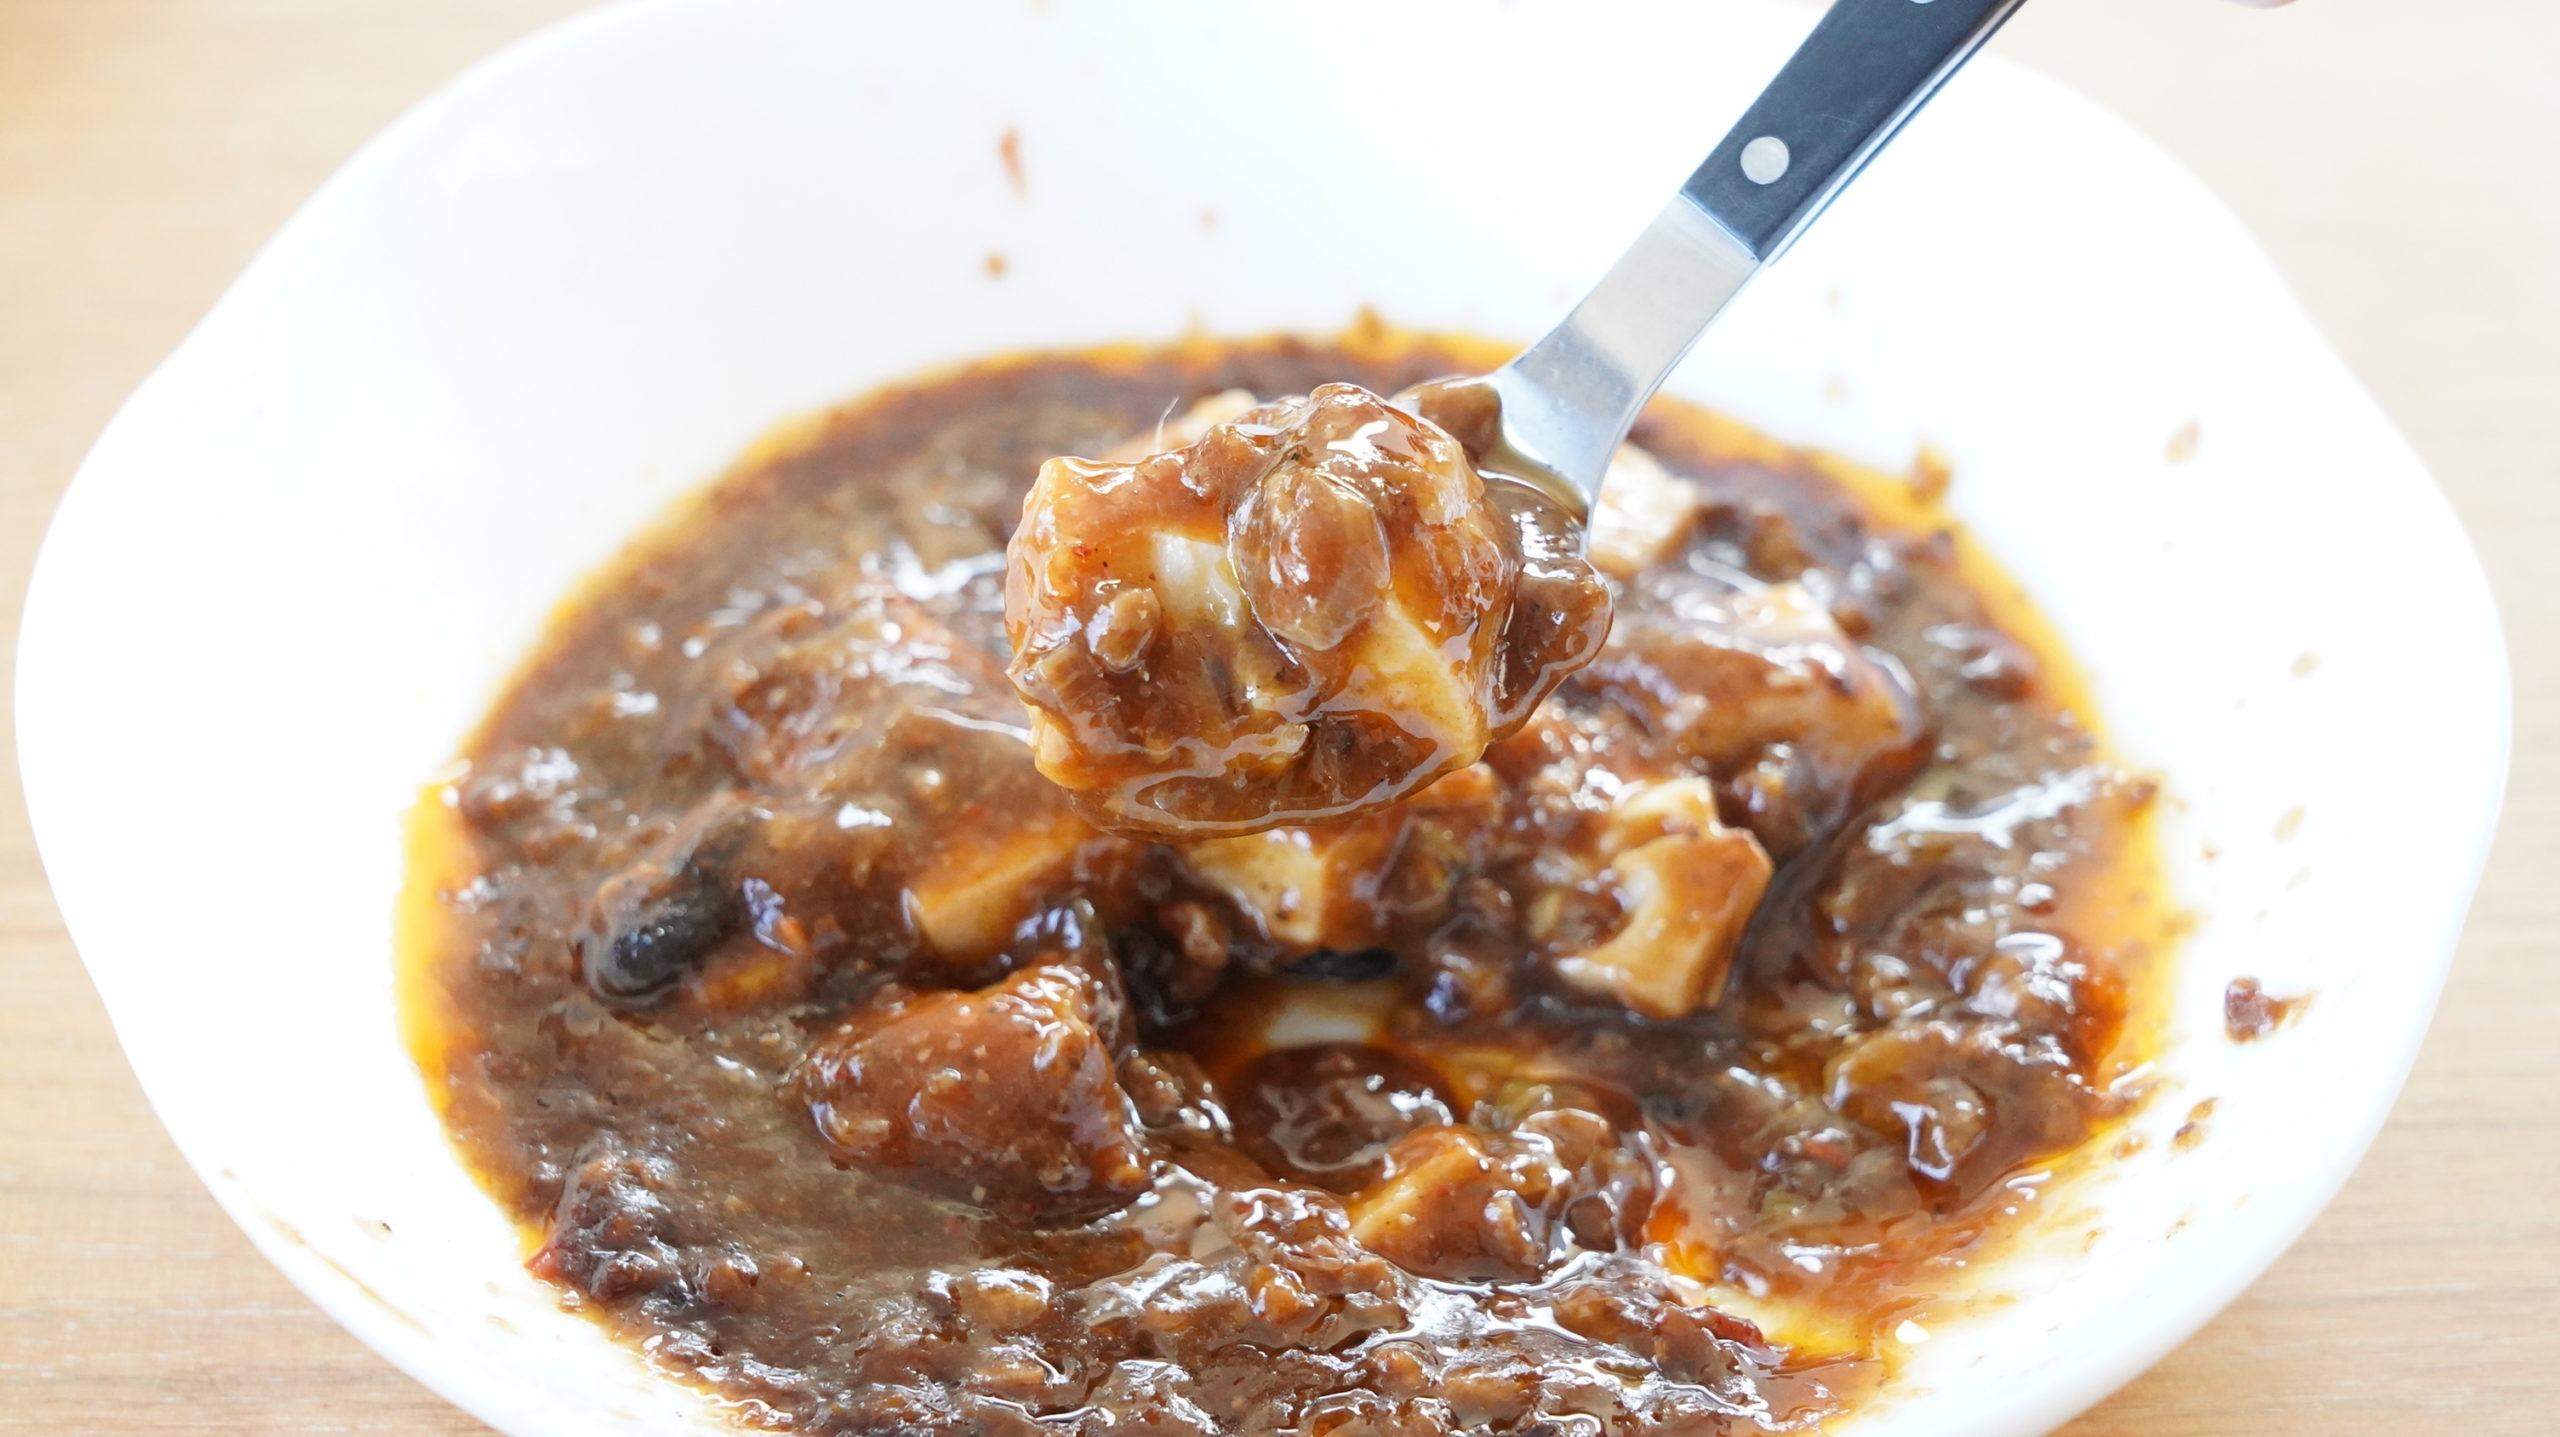 ローソンの冷凍食品「四川風麻婆豆腐」をスプーンですくっている写真